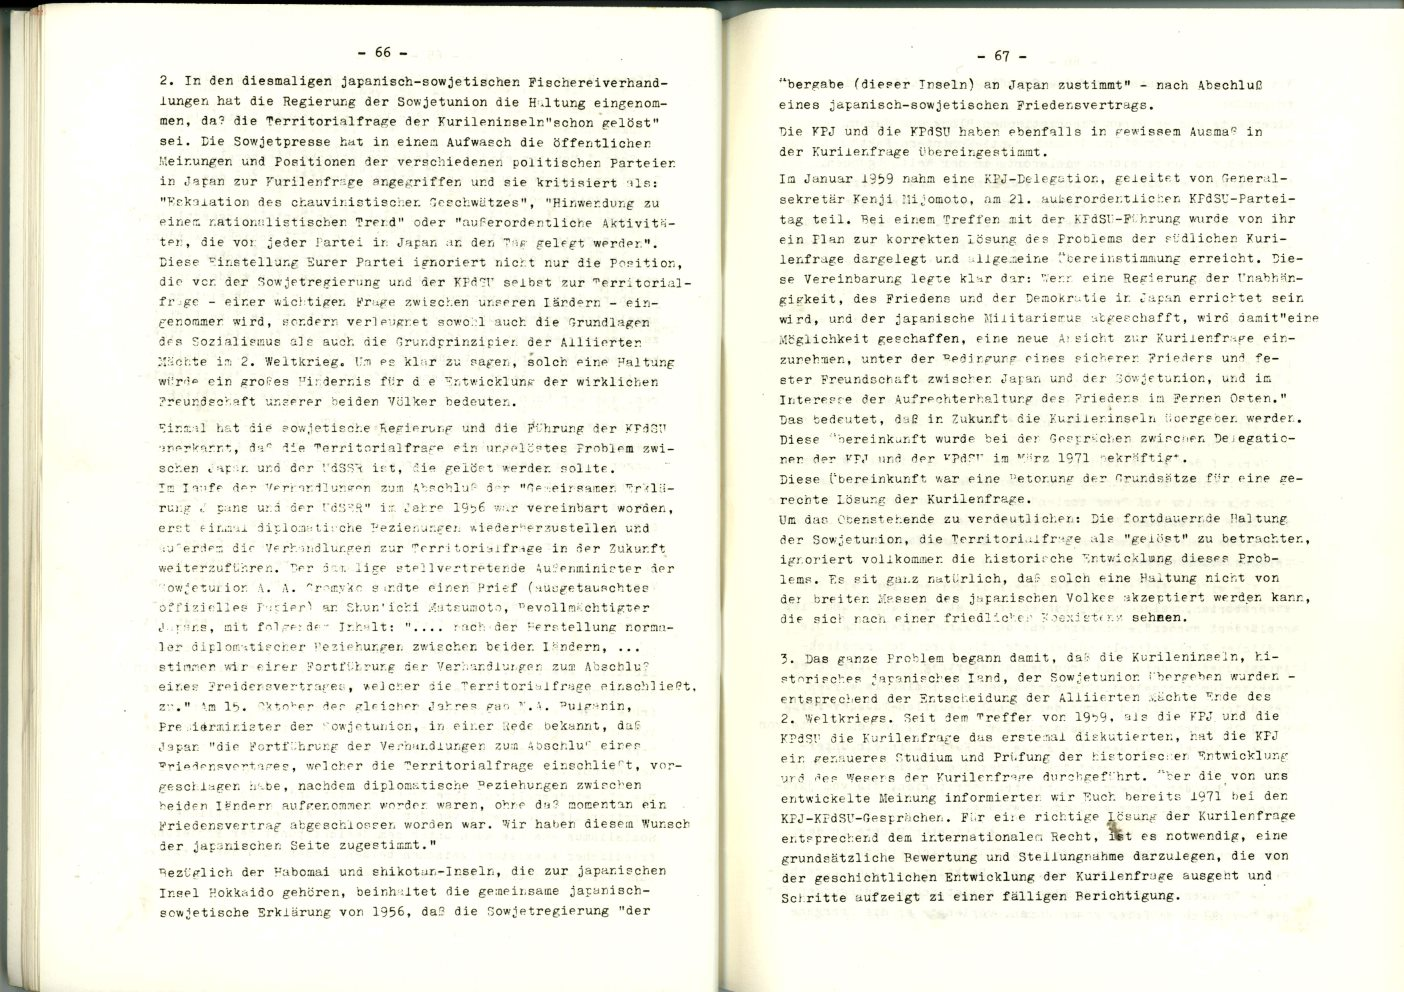 Nuernberg_Fuerth_Erlangen_ML_Diskussionsbeitraege_1979_02_34